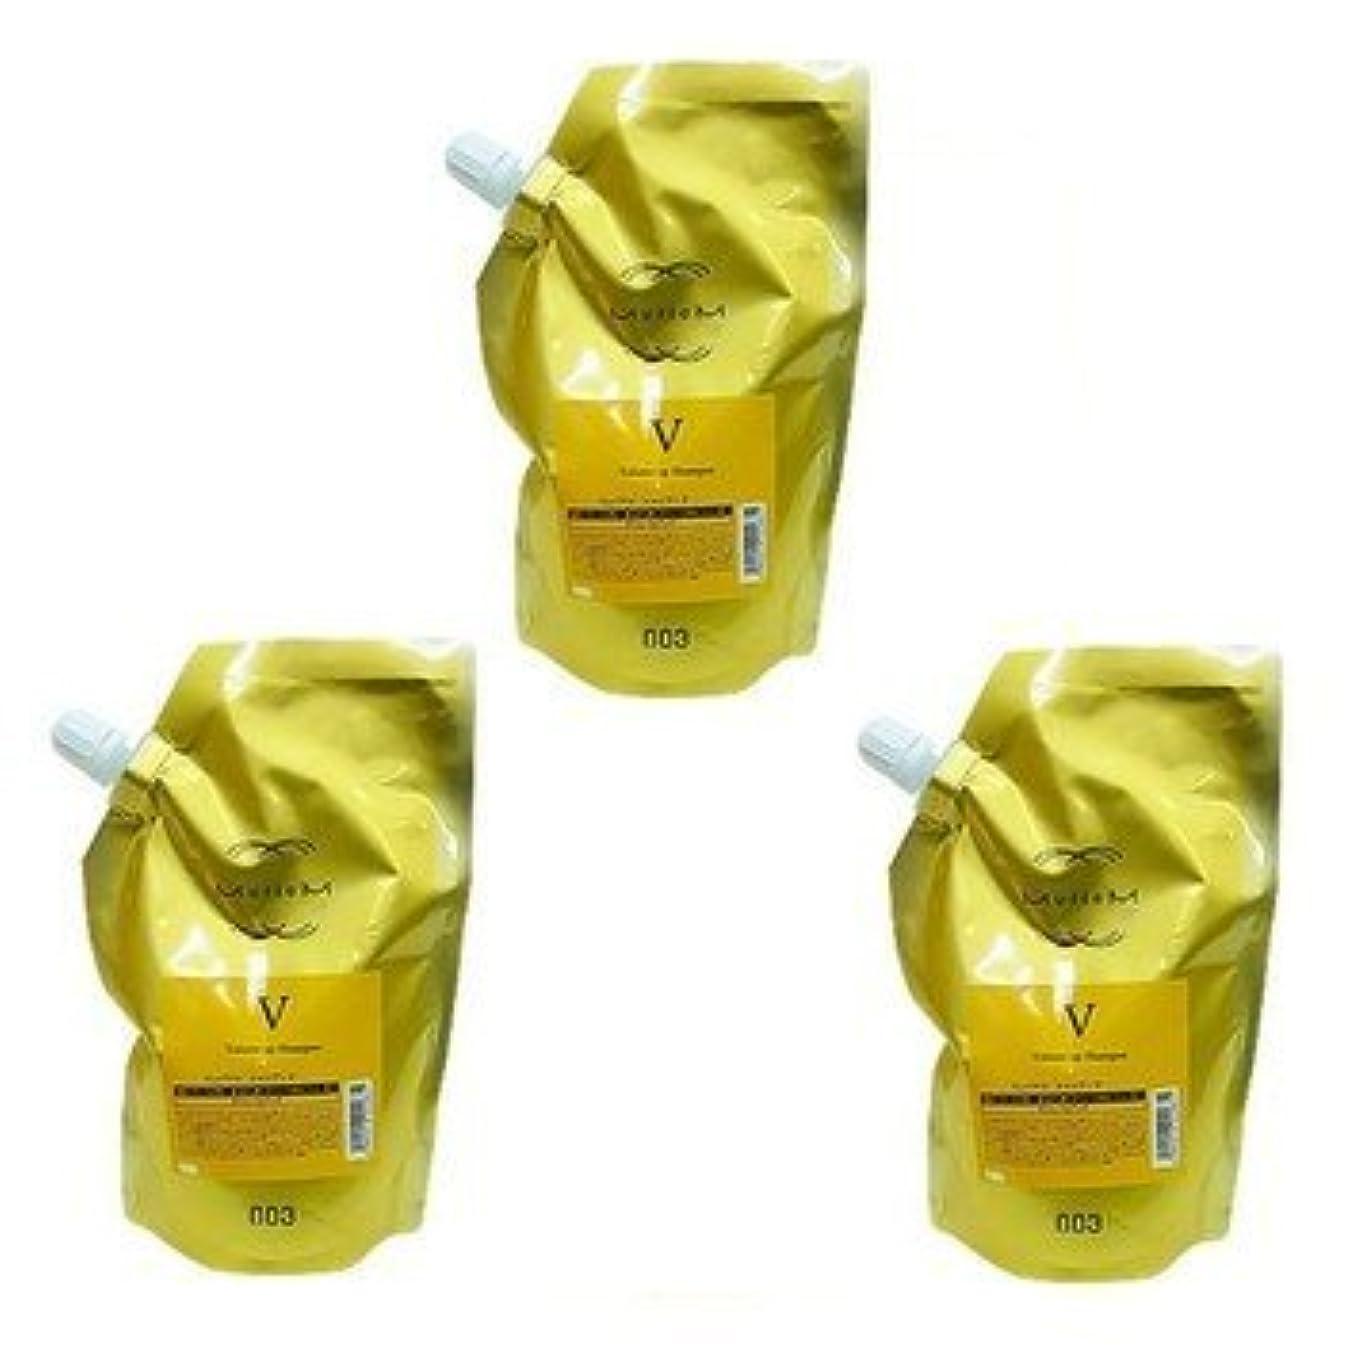 拳反対喪【X3個セット】 ナンバースリー ミュリアム ゴールド シャンプー V 500ml 詰替え用